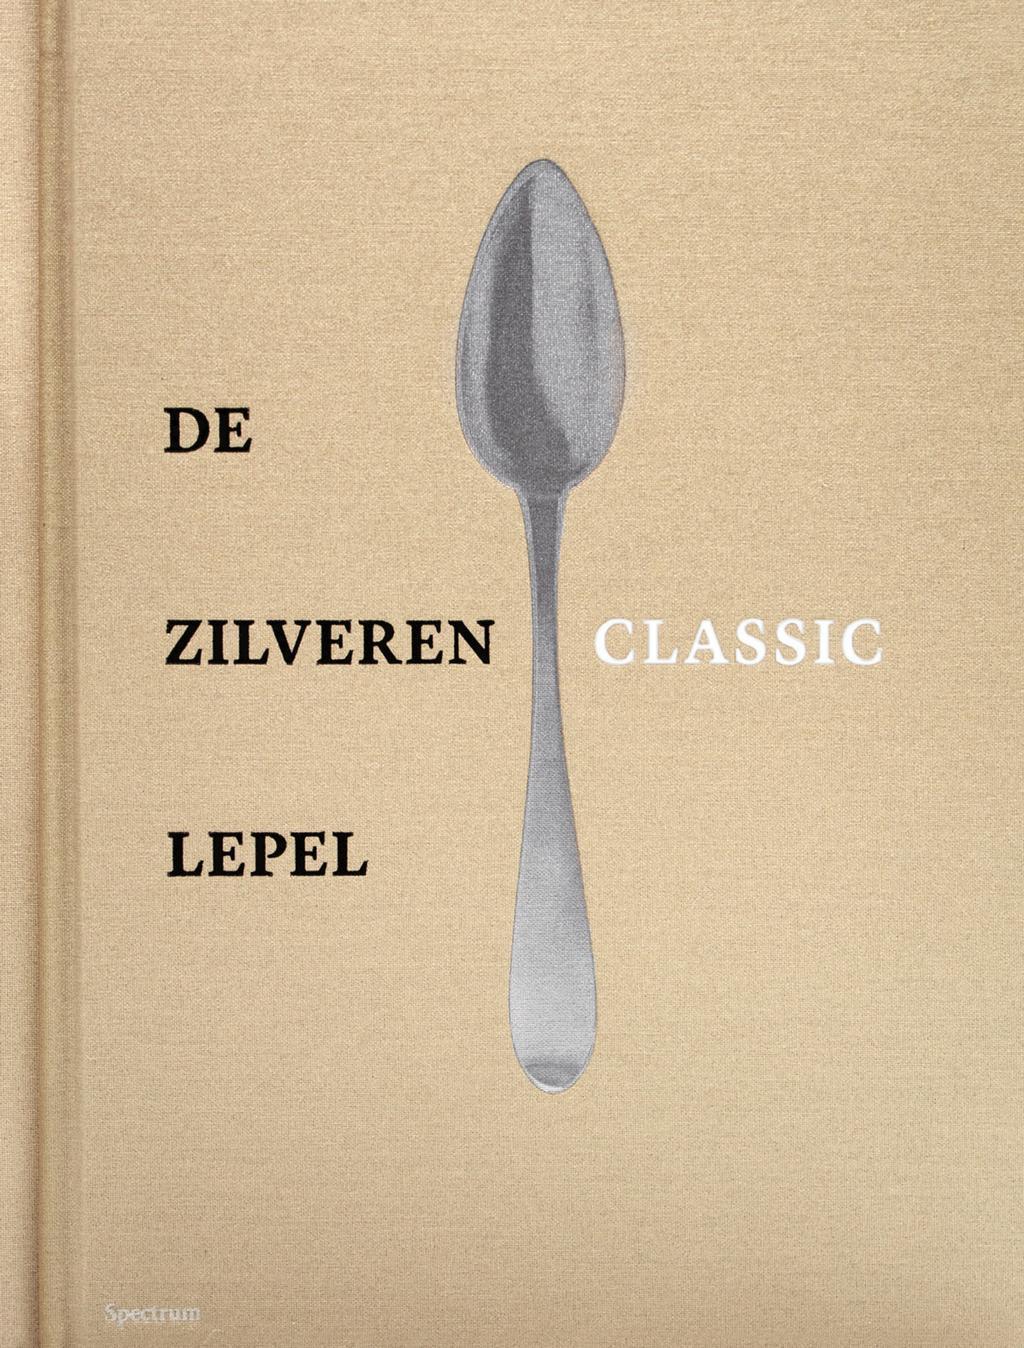 cover-de-zilveren-lepel-classic.jpg